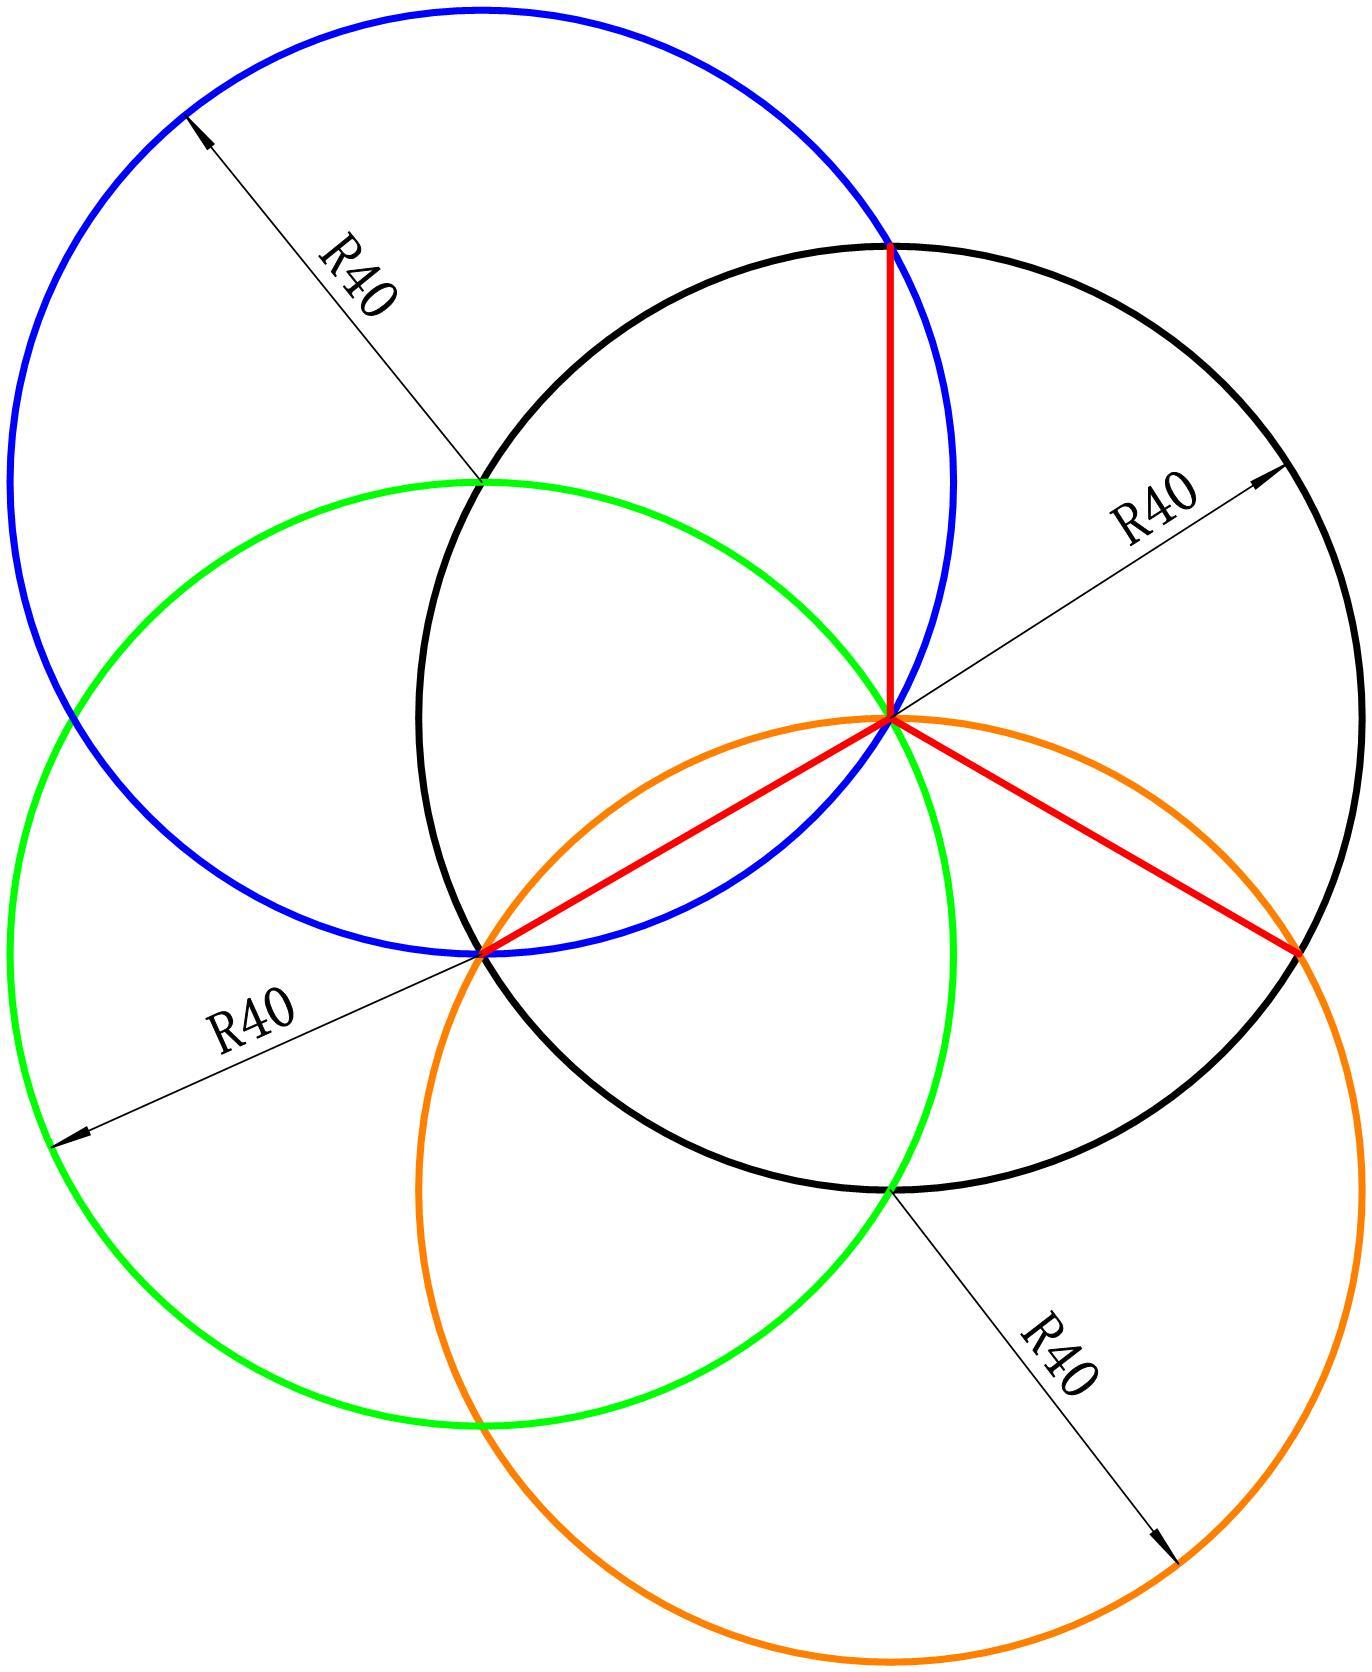 已知圆的直径是80,把圆分成3等分,而且只能用尺子和圆规.这个怎么算